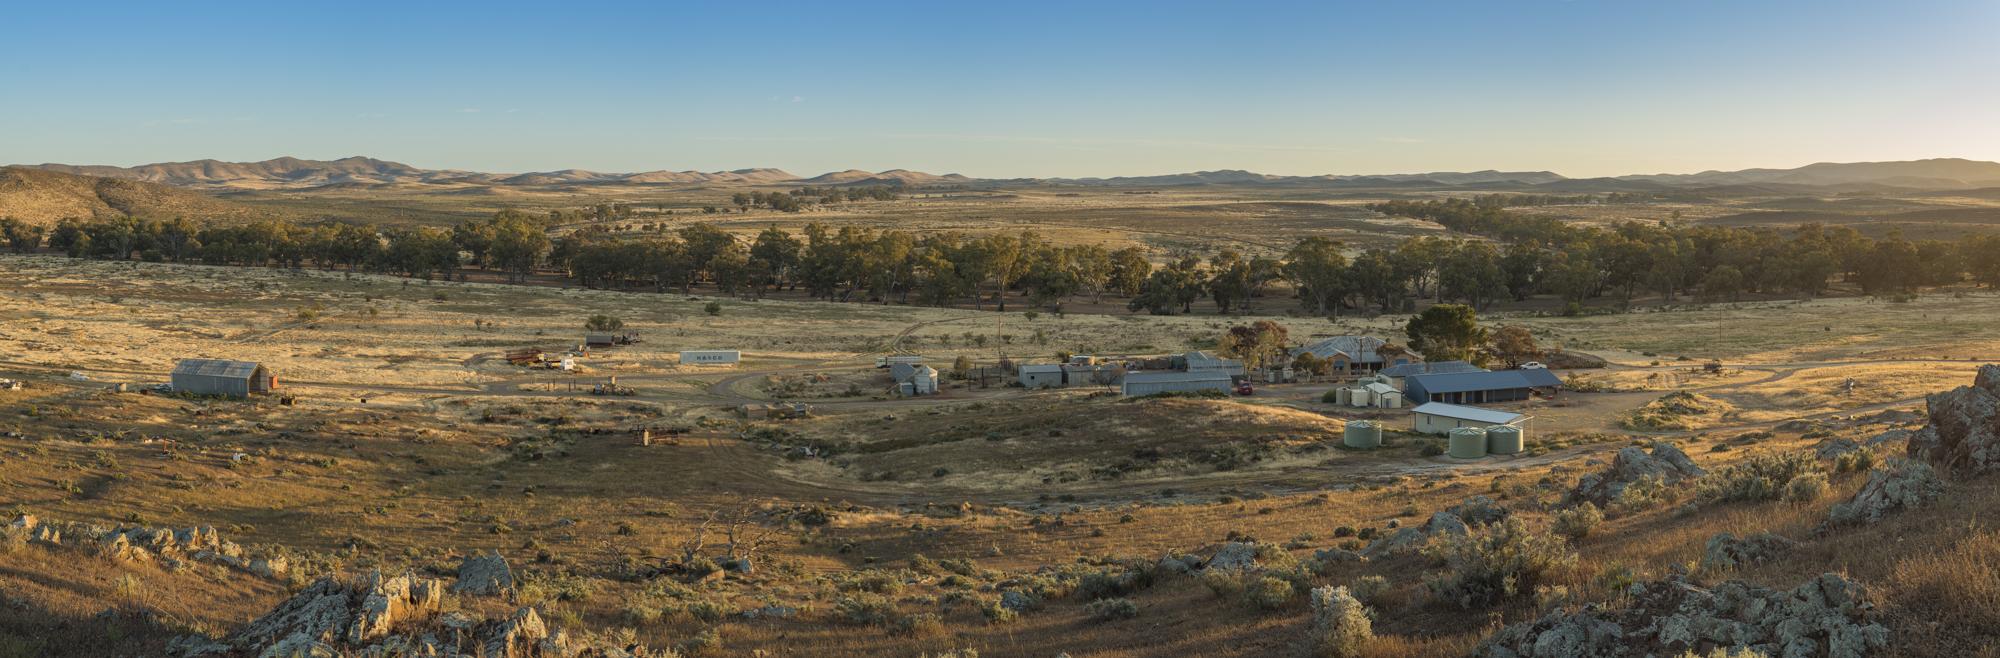 FlindersRanges011116-316-Pano.jpg